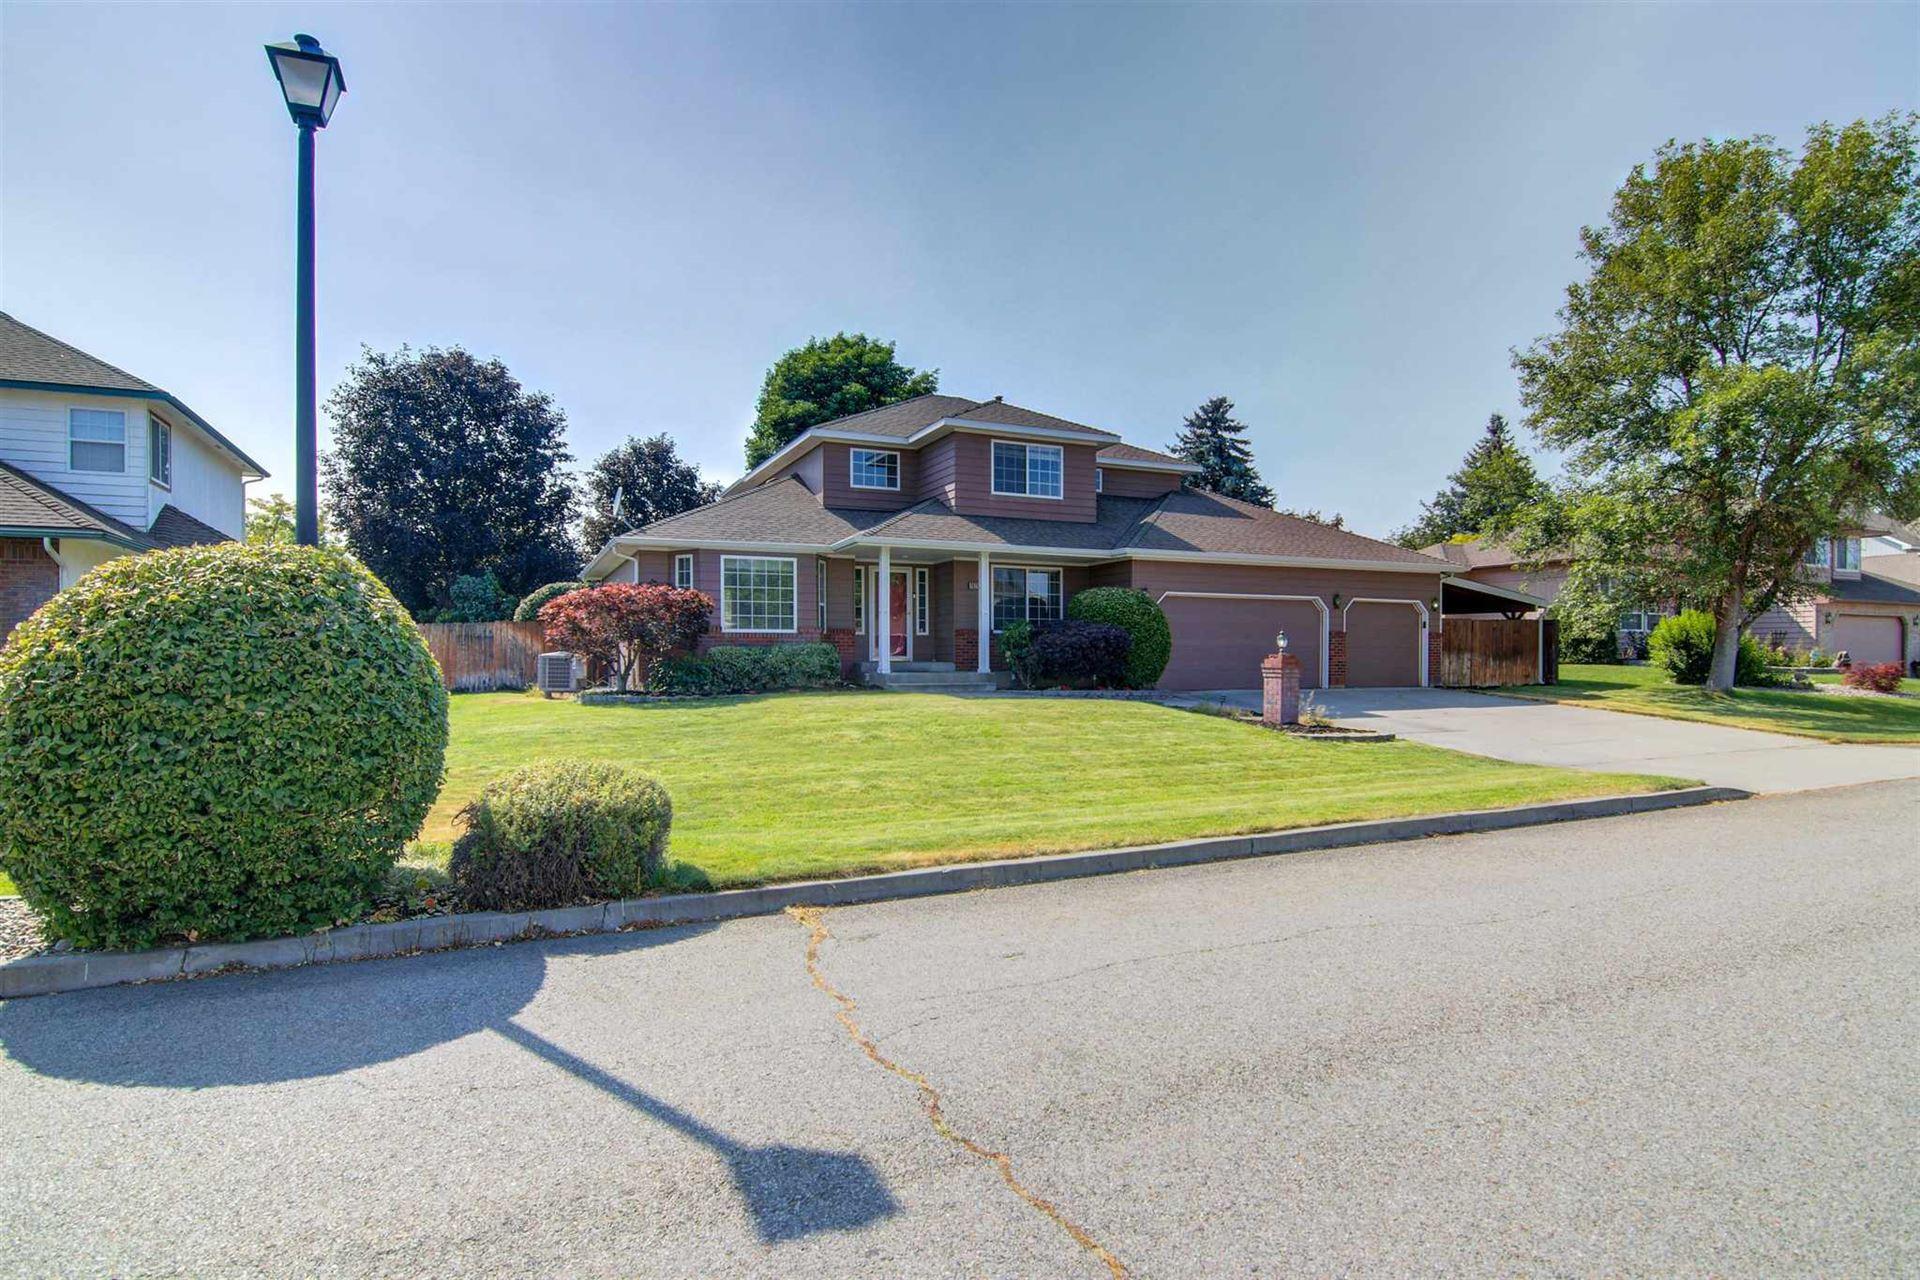 3820 S Robie Rd, Spokane Valley, WA 99206 - #: 202119364